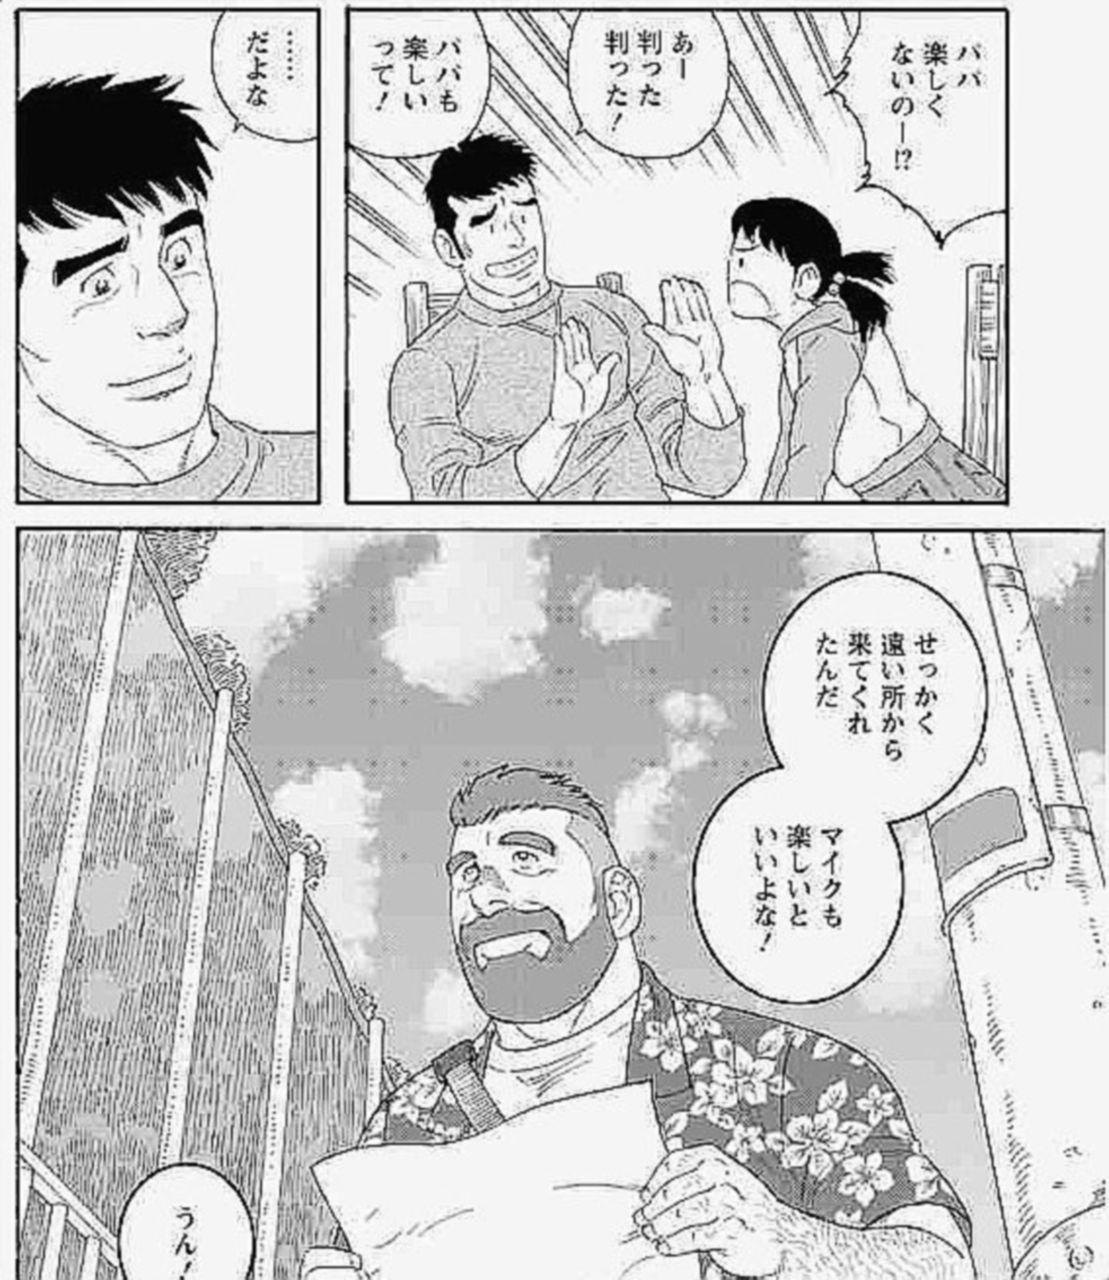 """Il """"Mezzogiorno"""" giapponese: la visita del marito di mio fratello morto"""